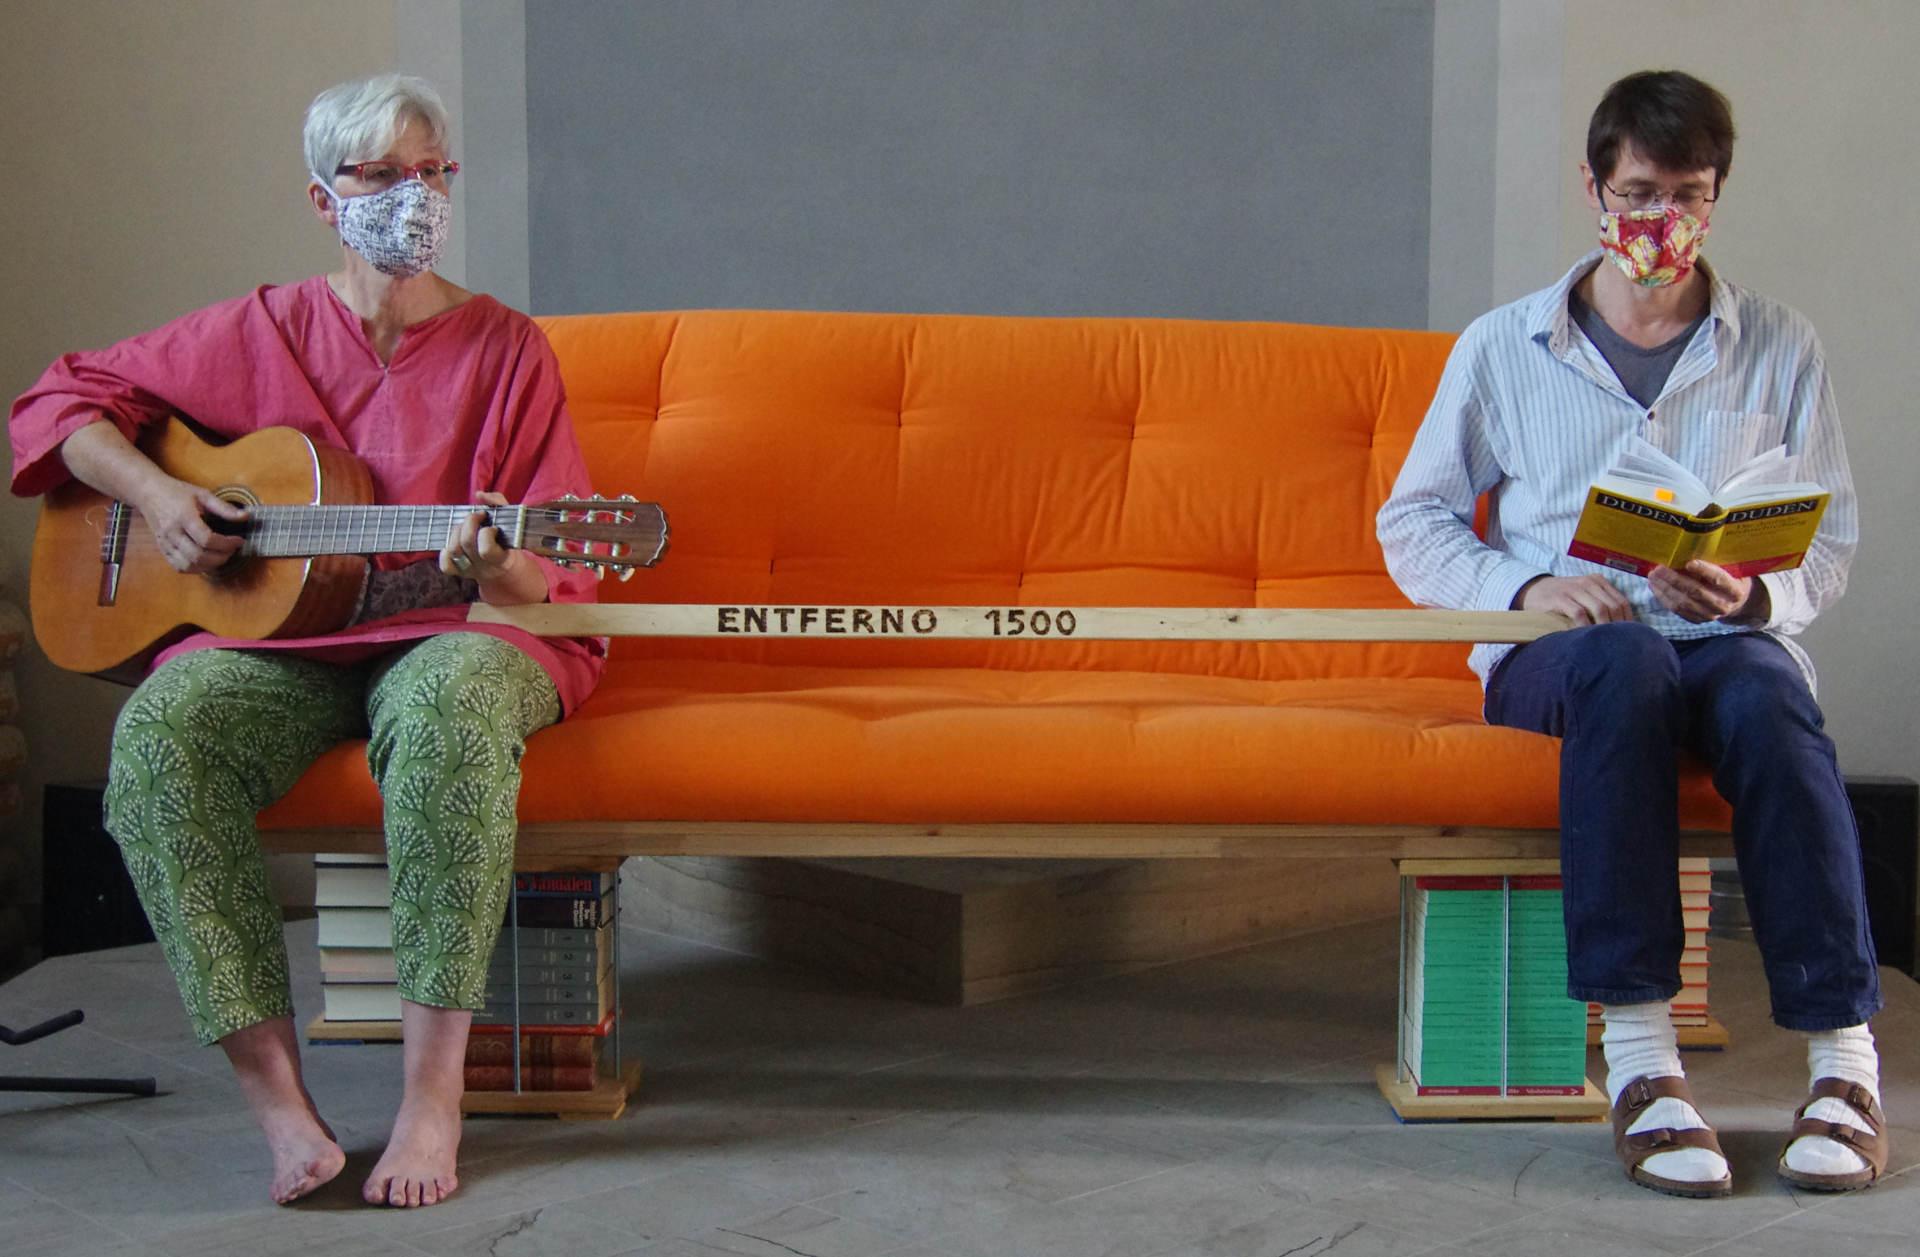 Susanne und Urban auf dem Sofa, dazwischen der Entferno 1500. 1,5 Meter ist schon sehr viel!